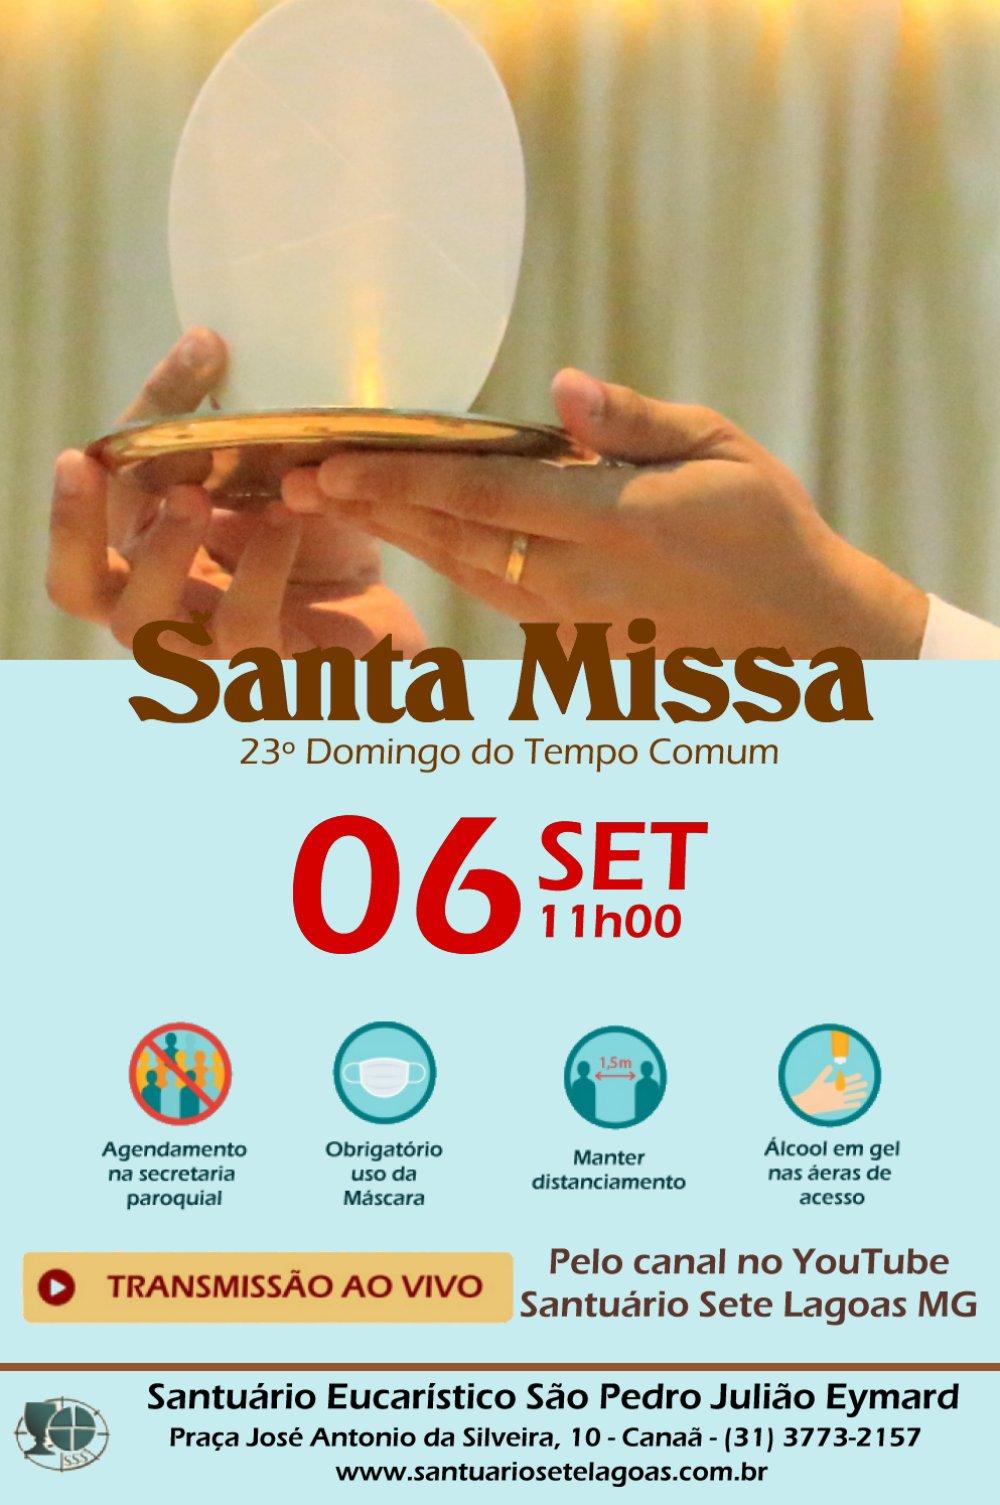 Santa Missa com transmissão ao vivo 06/09. Participe!